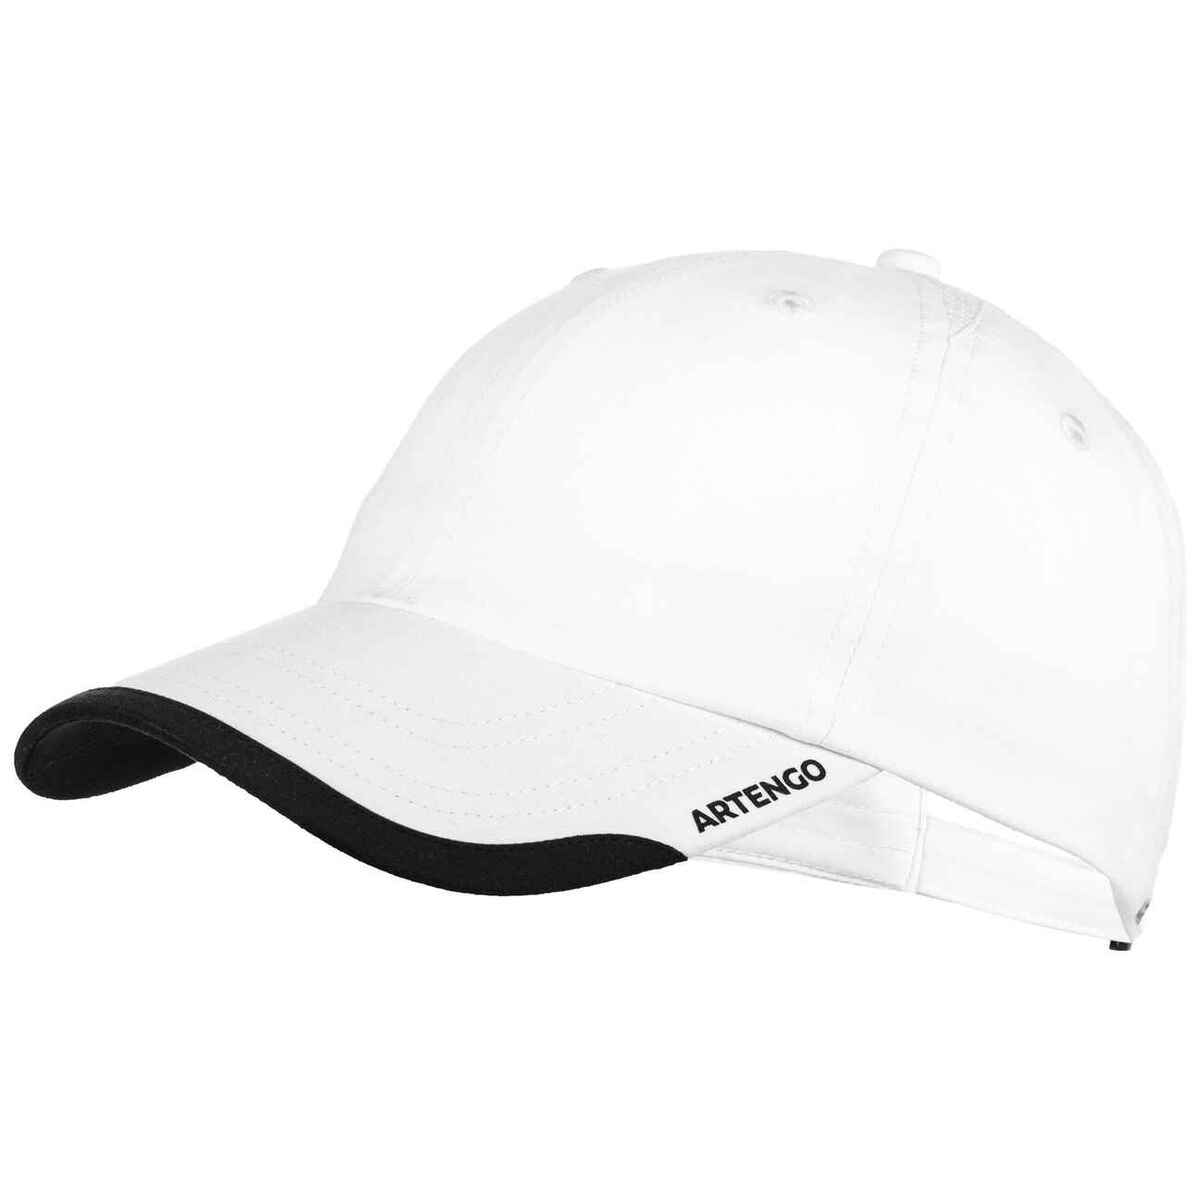 Bild 1 von Schirmmütze Tennis-Cap TC 100 flexibel Gr. 58 weiss